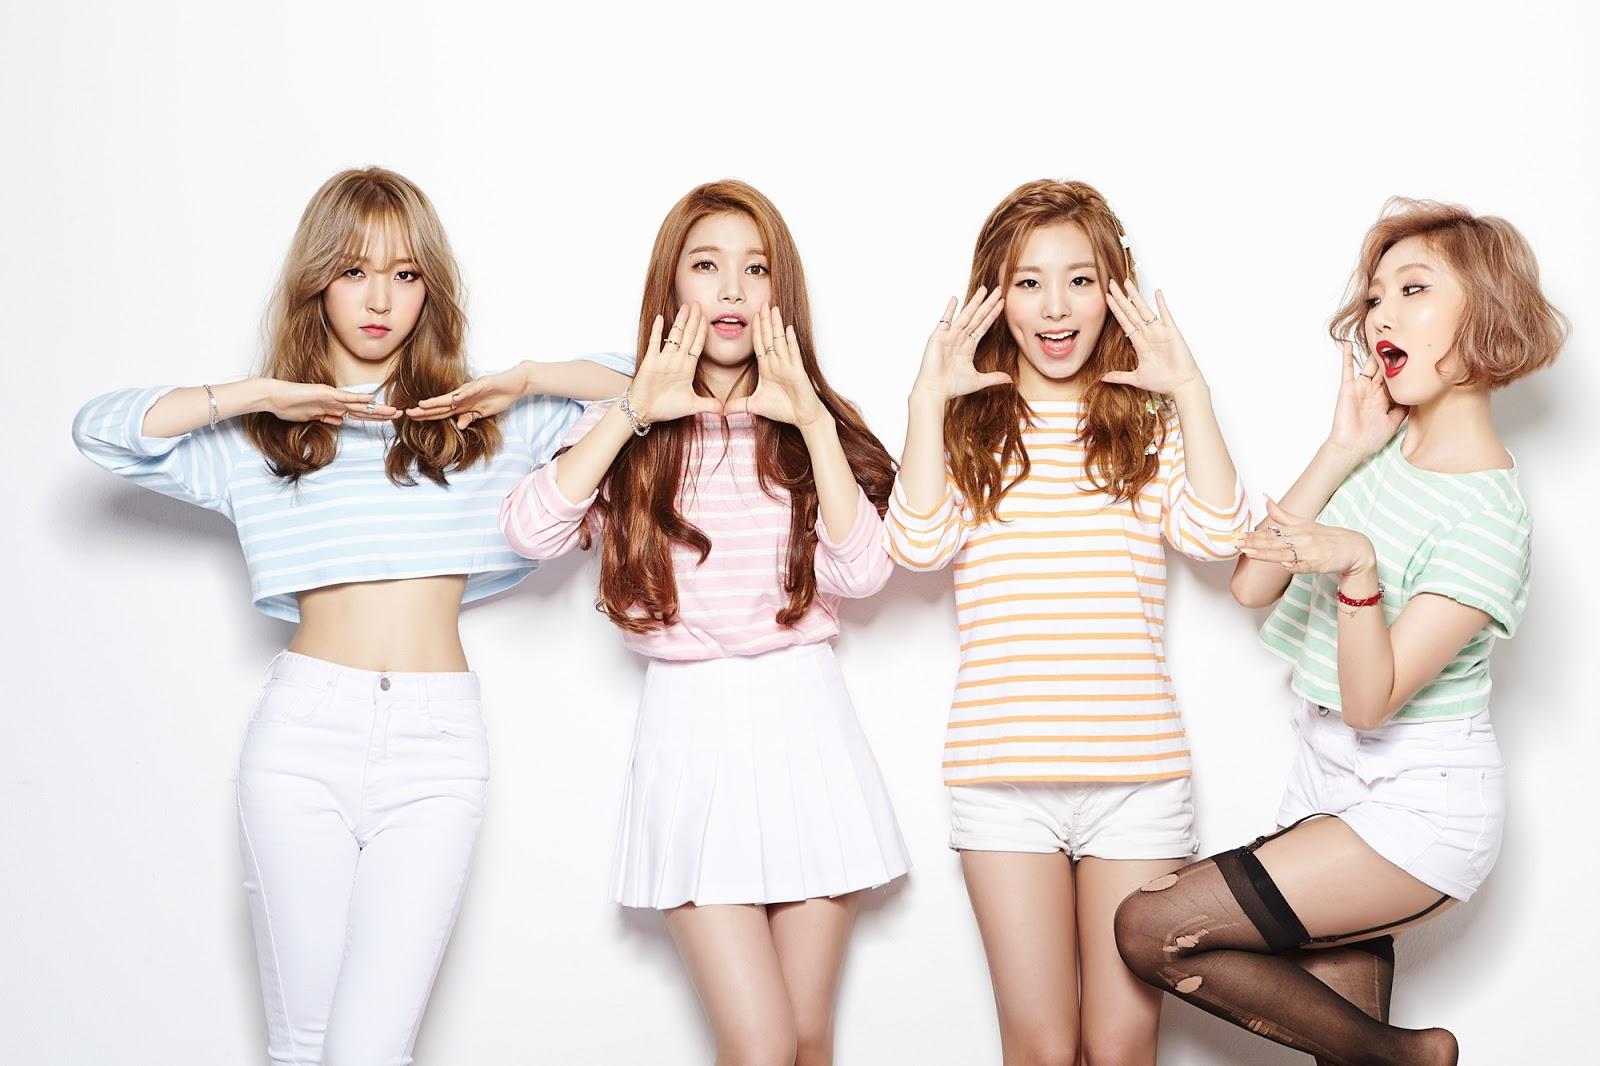 K-Pop Dekleta Skupine Univerzitetnih festivalskih urnikov v maju-5191